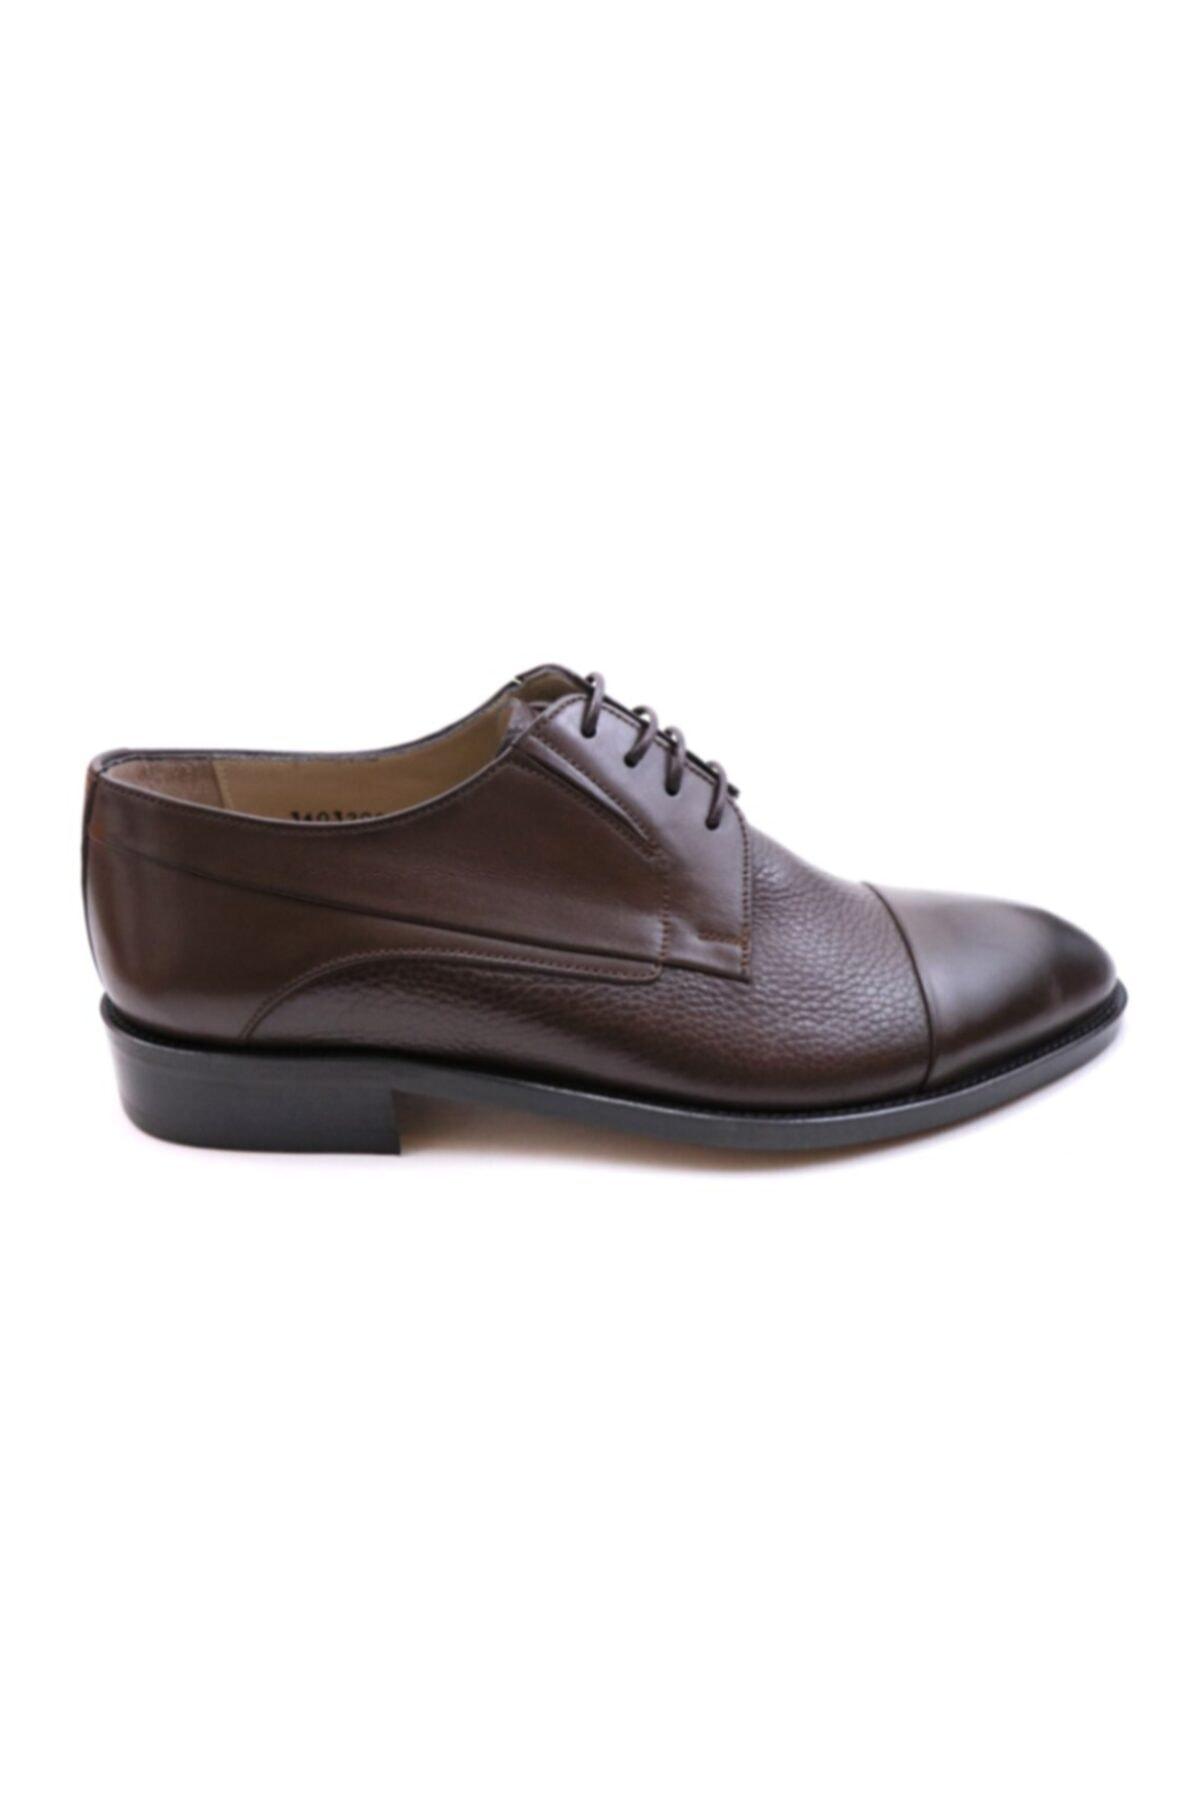 Nevzat Onay 6640-438 Erkek Kösele Ayakkabı 2